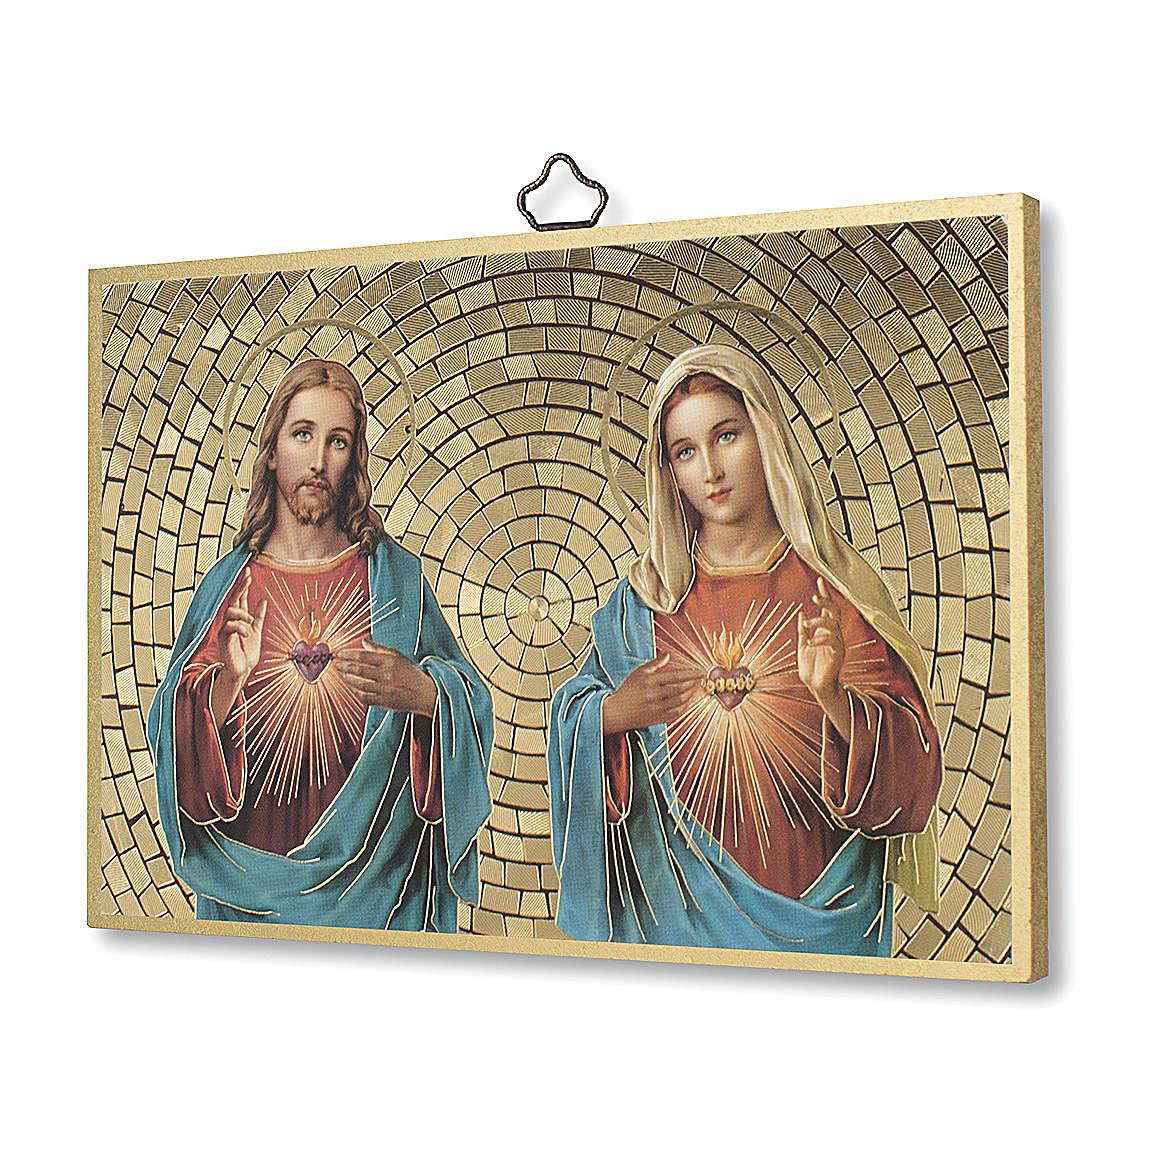 Impression sur bois Sacré Coeur de Jésus et Marie Prière Bénédiction Maison ITA 3